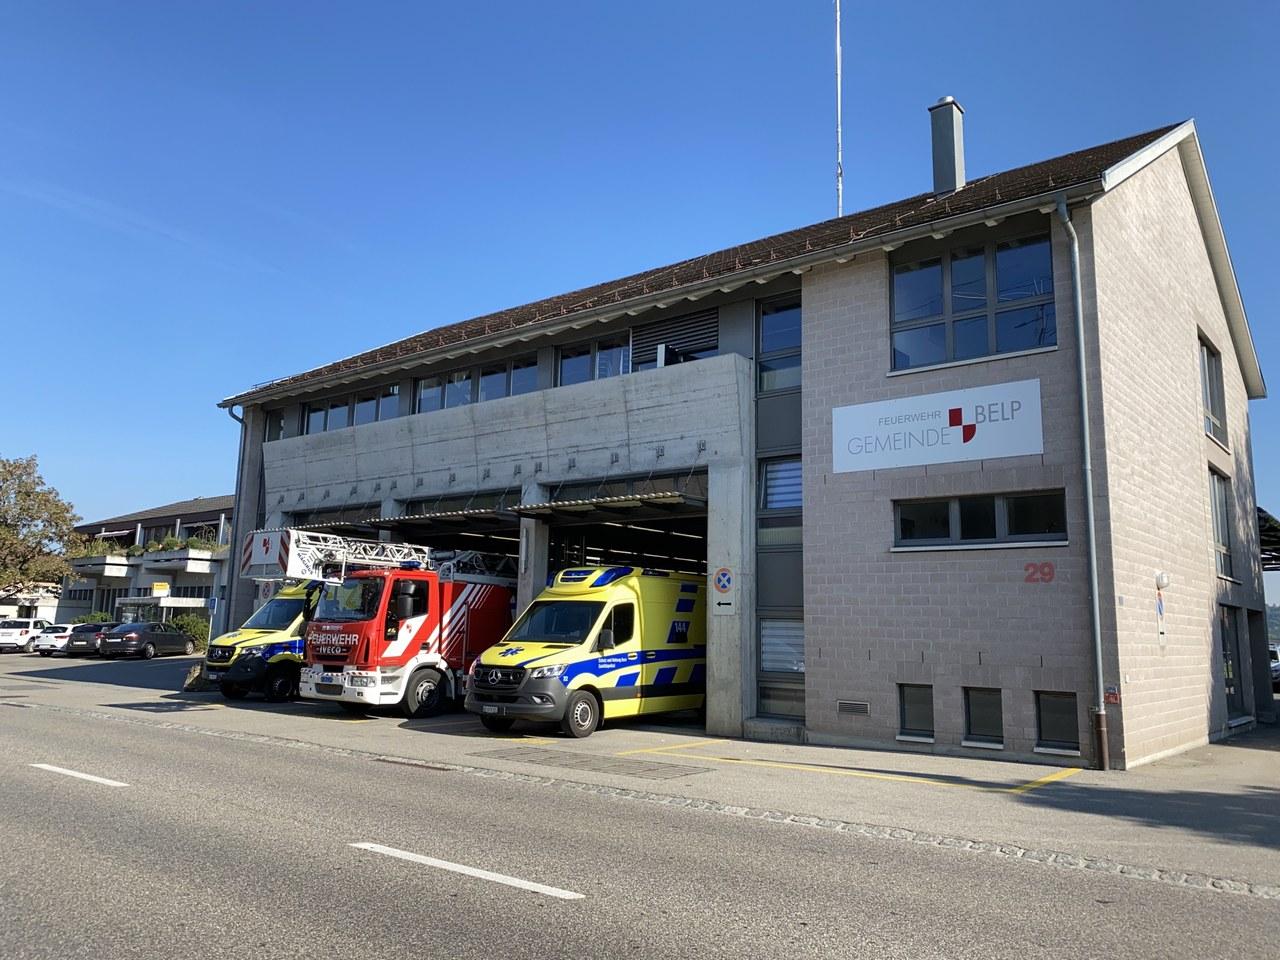 Rettungsdienste bei der Feuerwehr Regio Belp